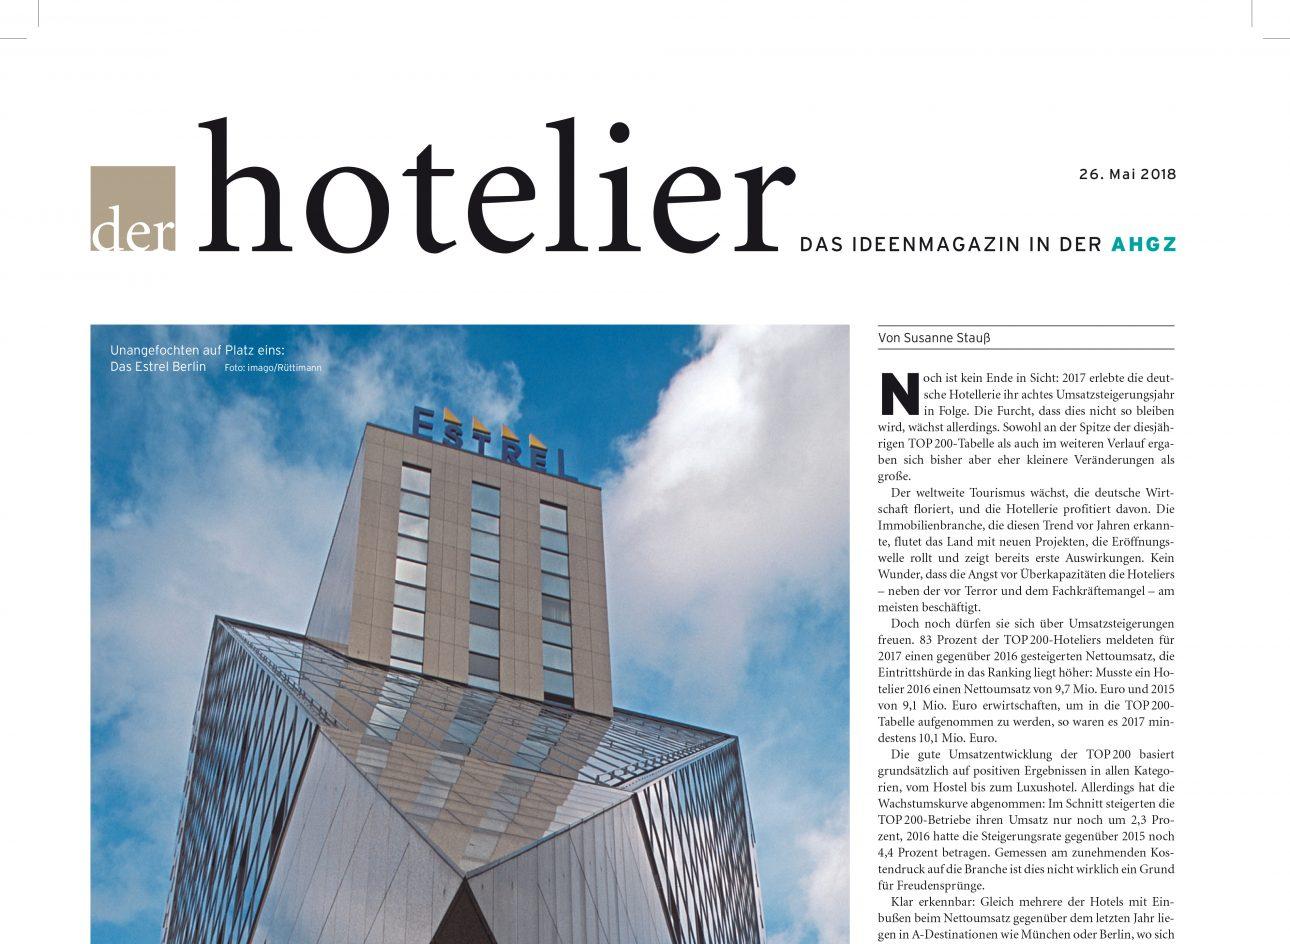 Ein Artikel in der AHGZ über Corinna Kretschmar-Joehnk und Peter Joehnk.